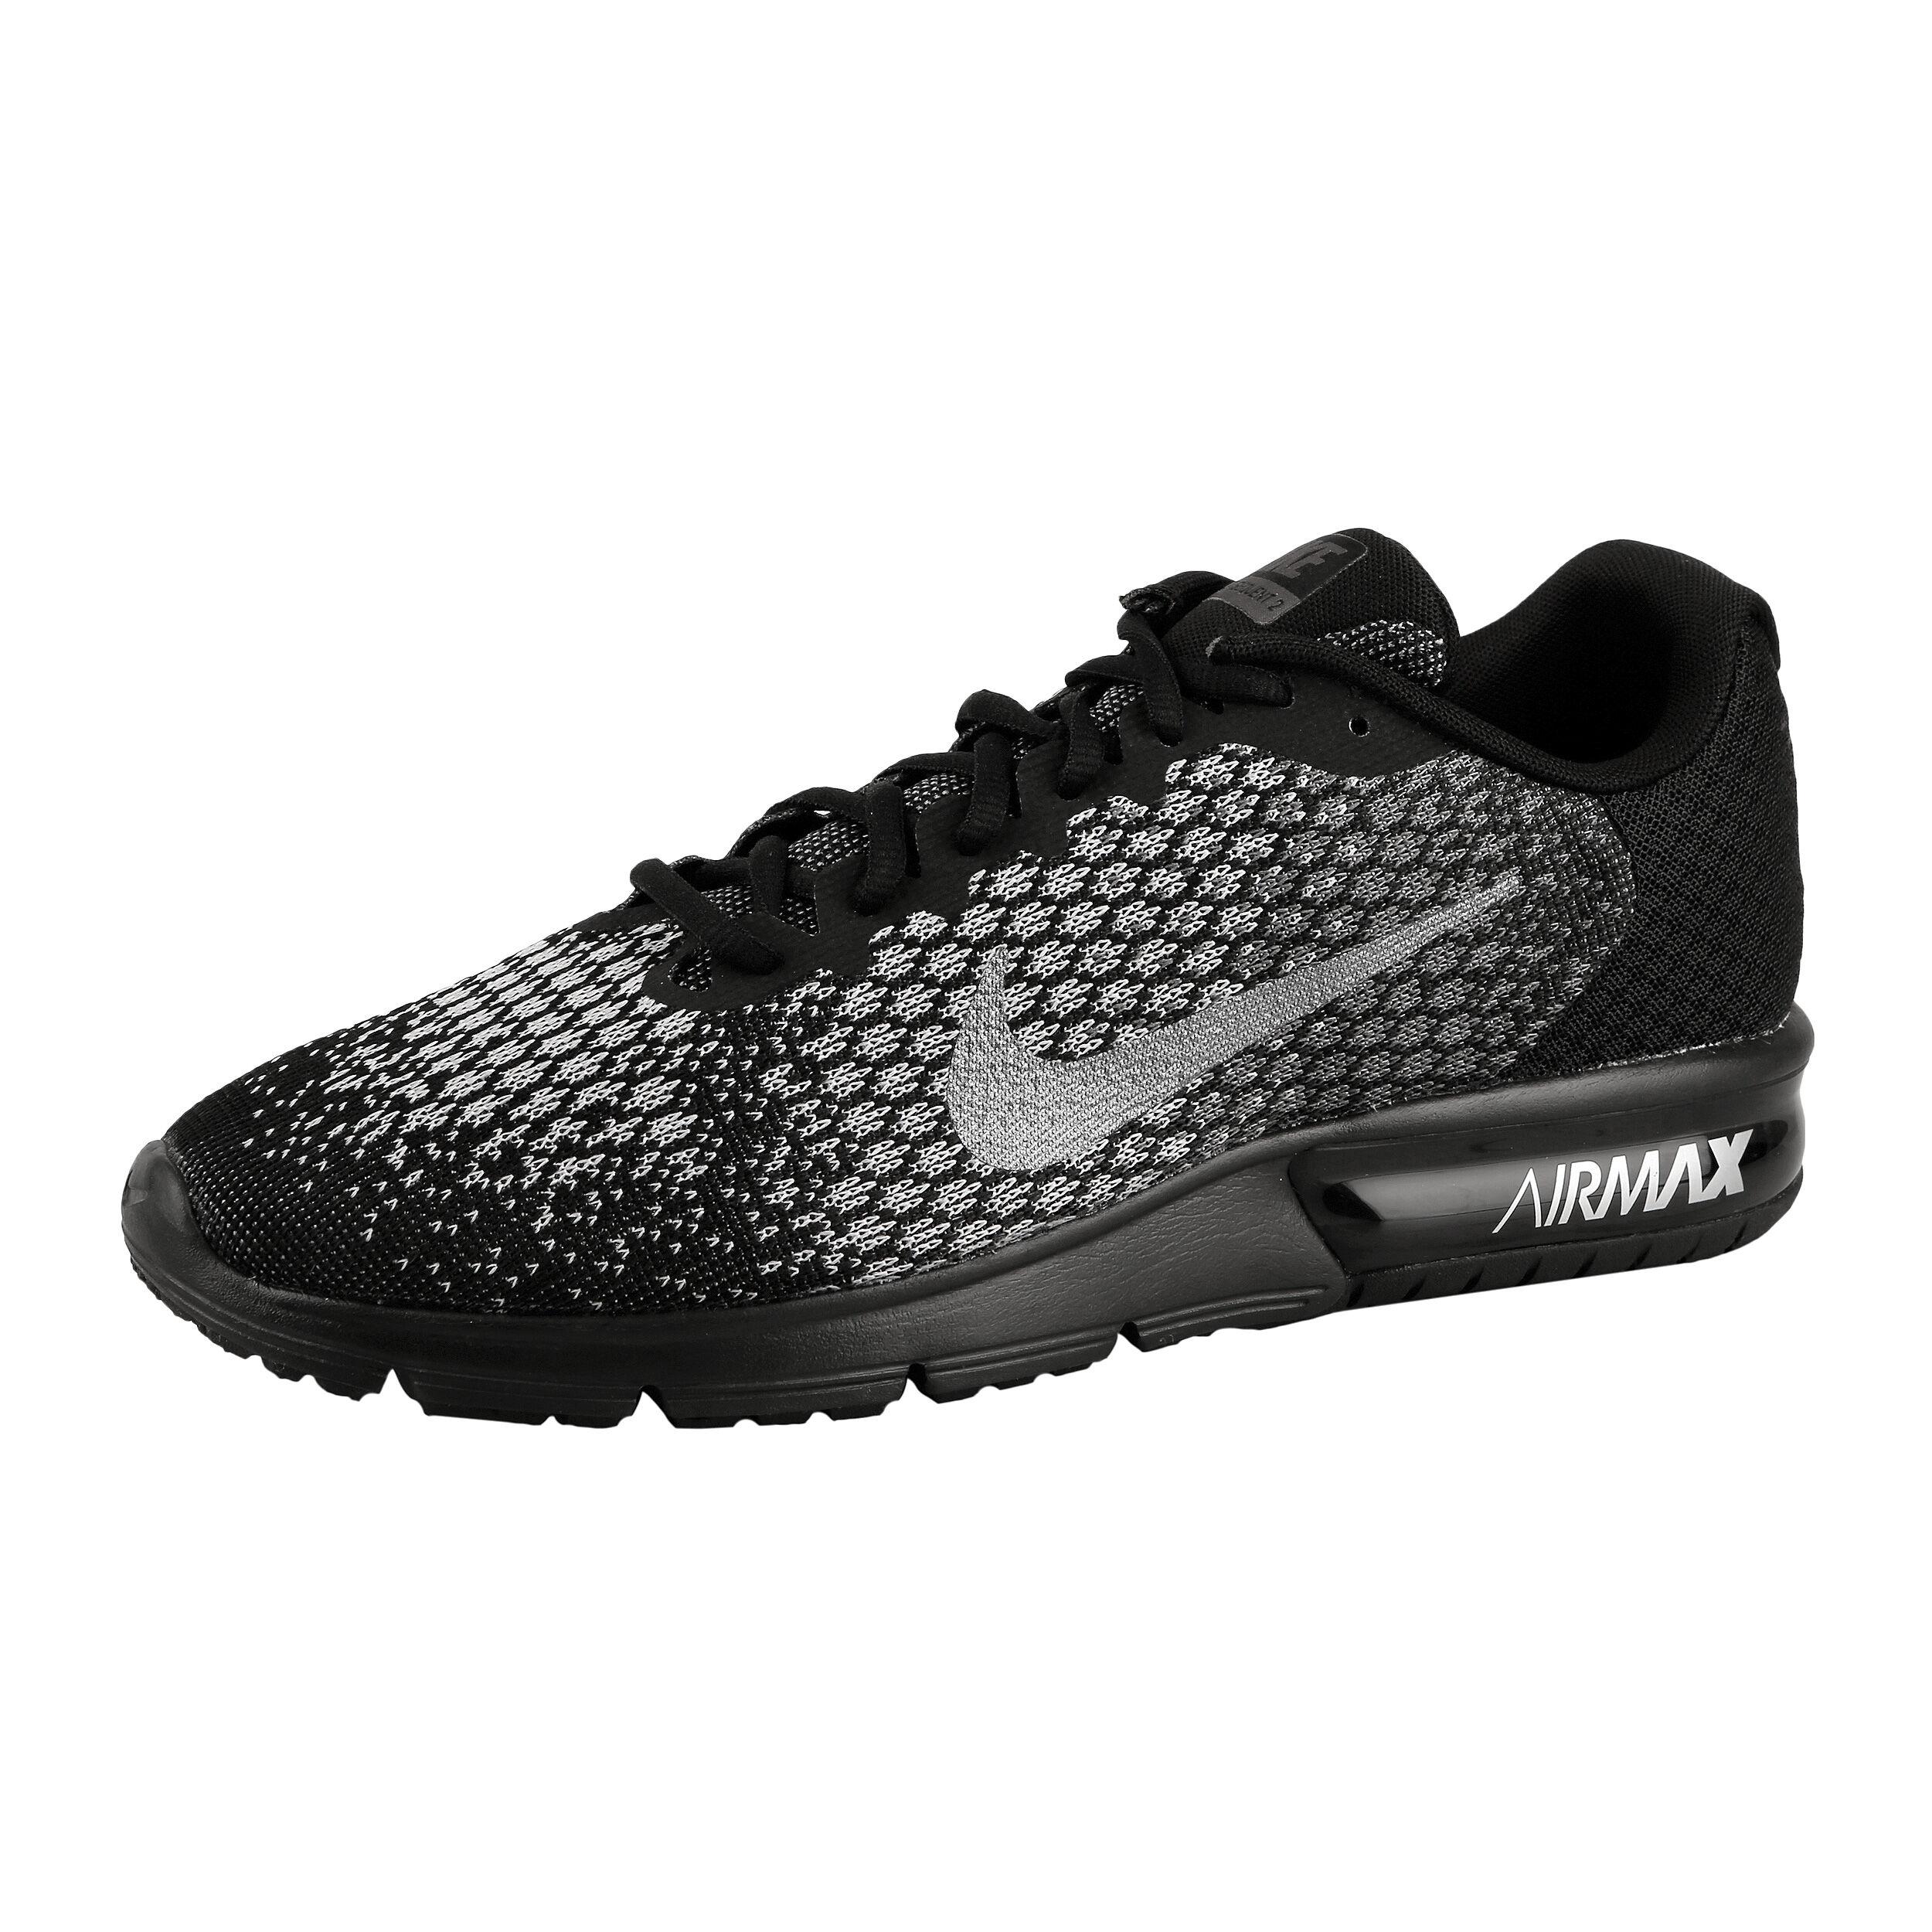 Nike Air Max Sequent 2 Neutralschuh Herren Schwarz, Silber